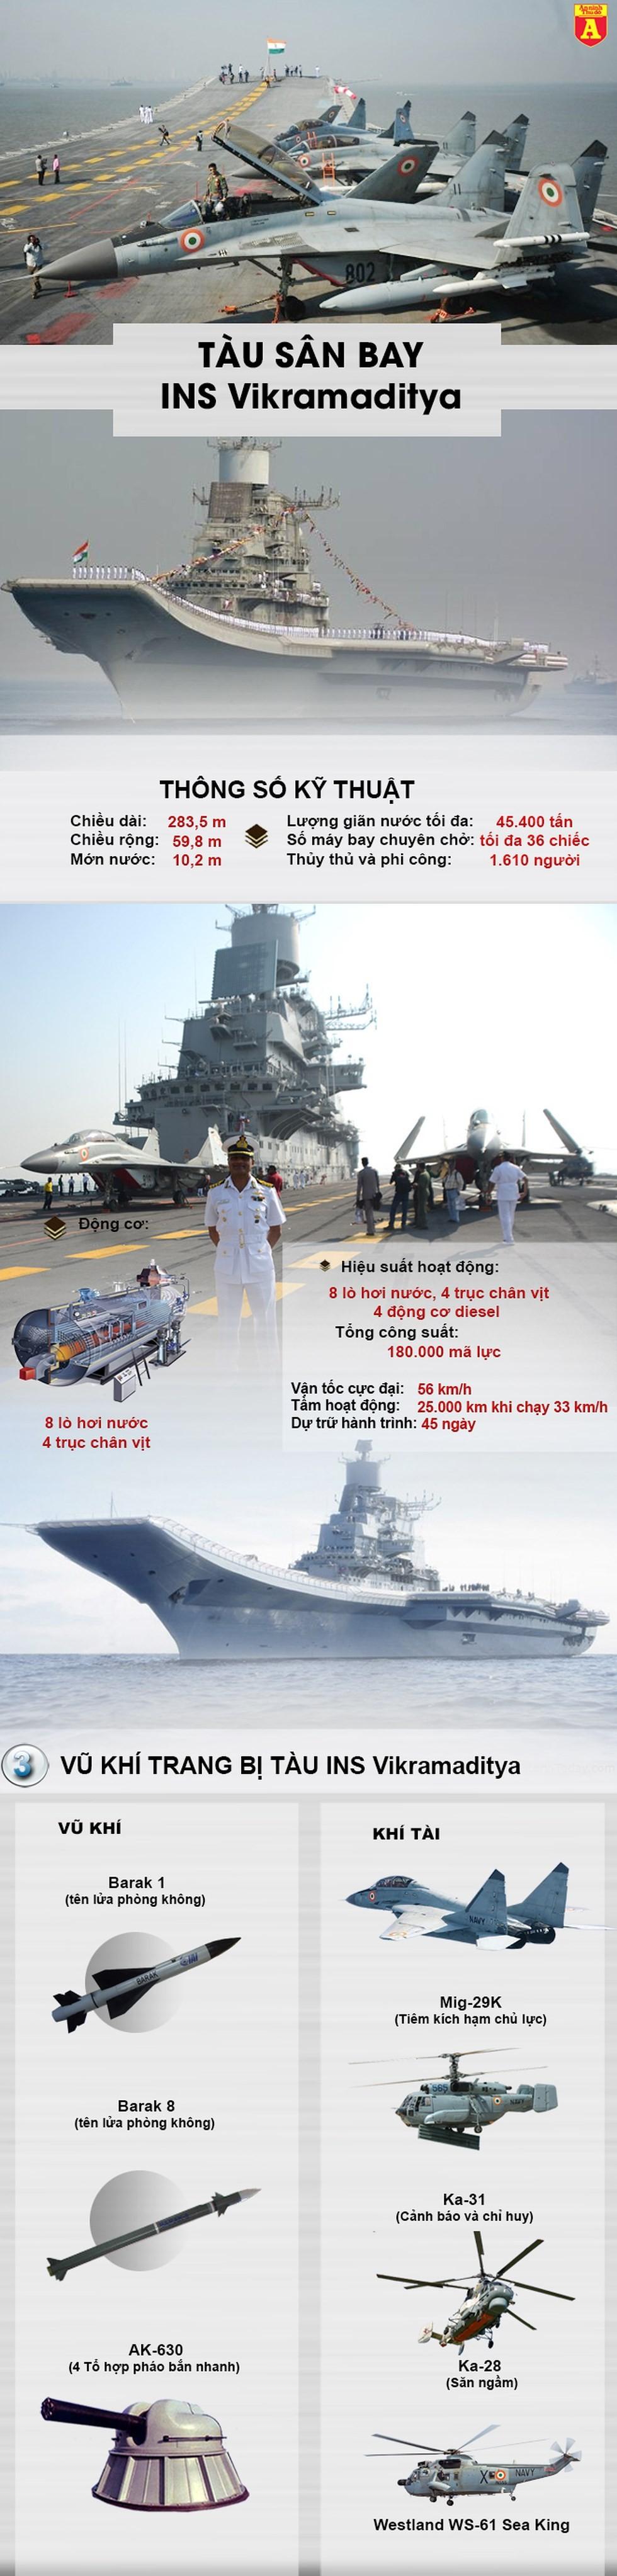 [Info] Tàu sân bay mang sát thủ MiG-29K, loại vũ Ấn Độ khiến Pakistan đặc biệt lo ngại ảnh 2